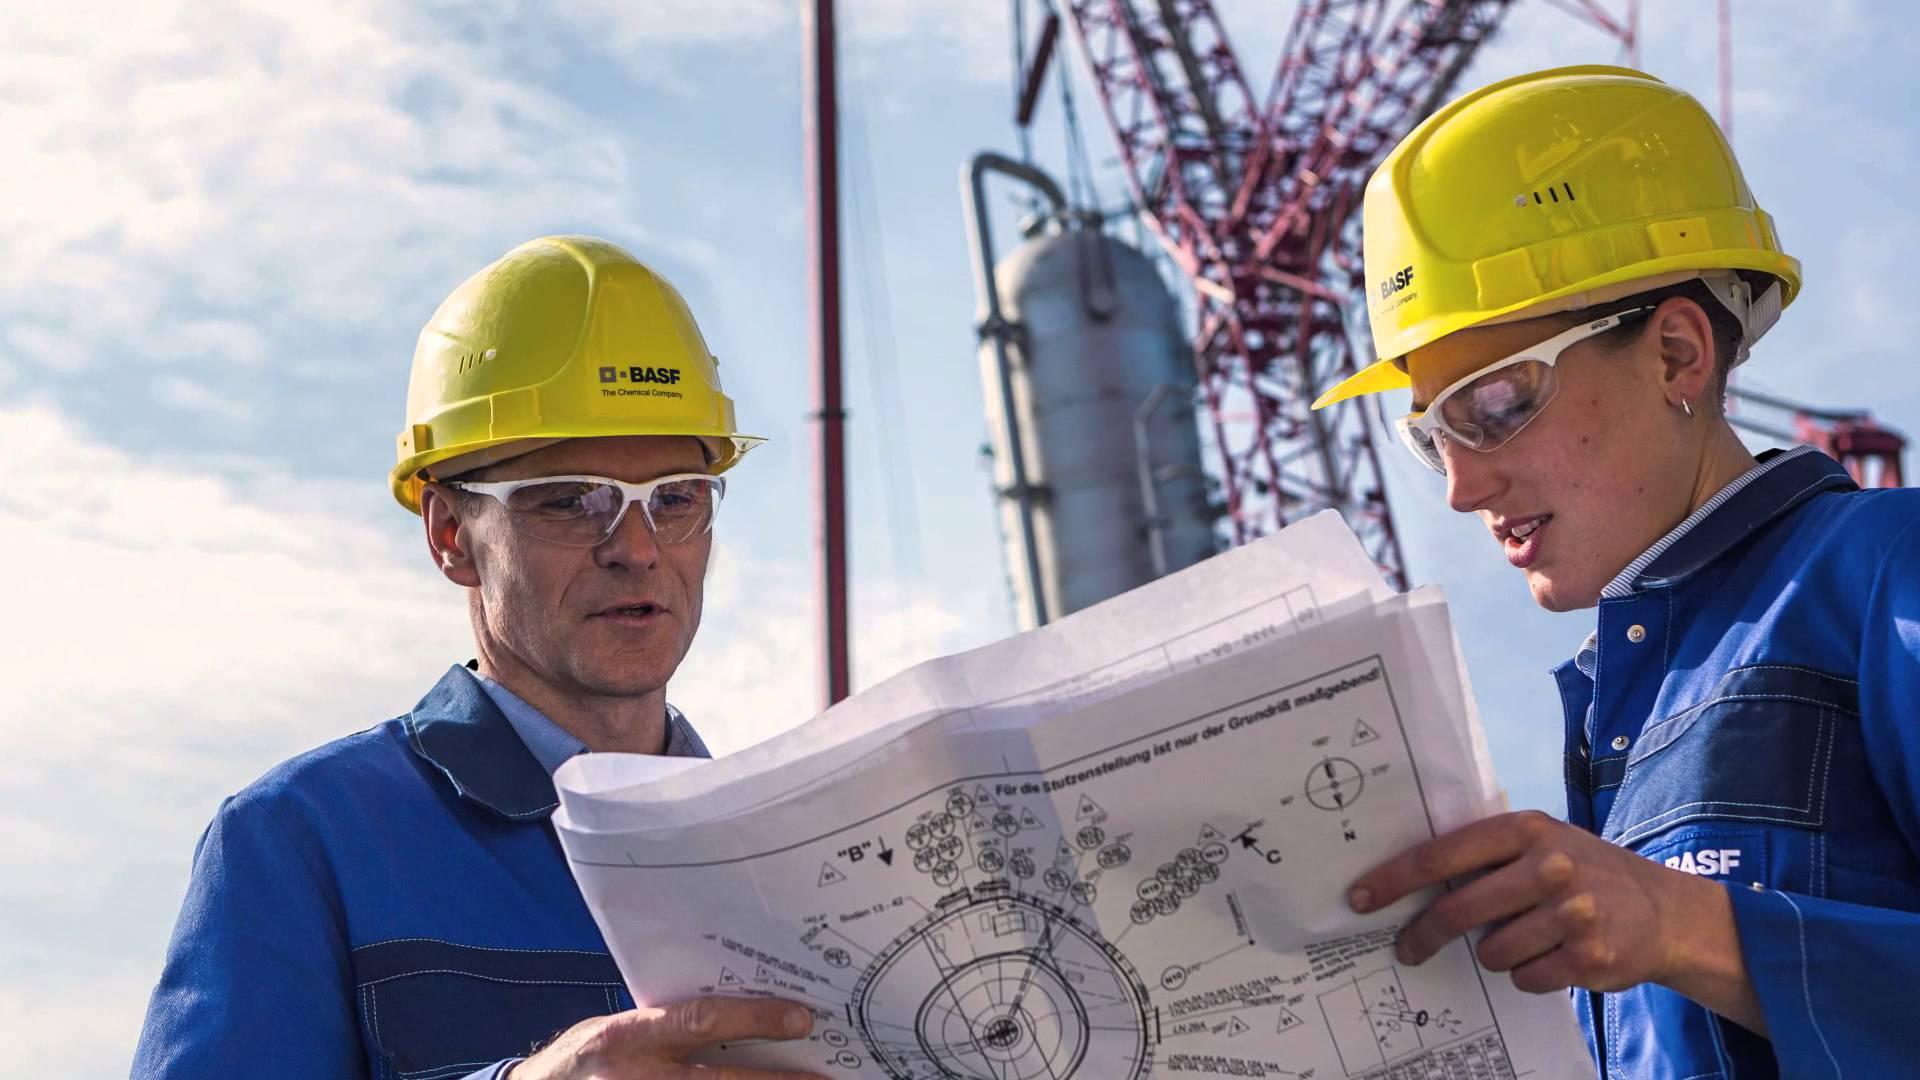 Изображение - Самые востребованные и высокооплачиваемые профессии в россии engineer-445